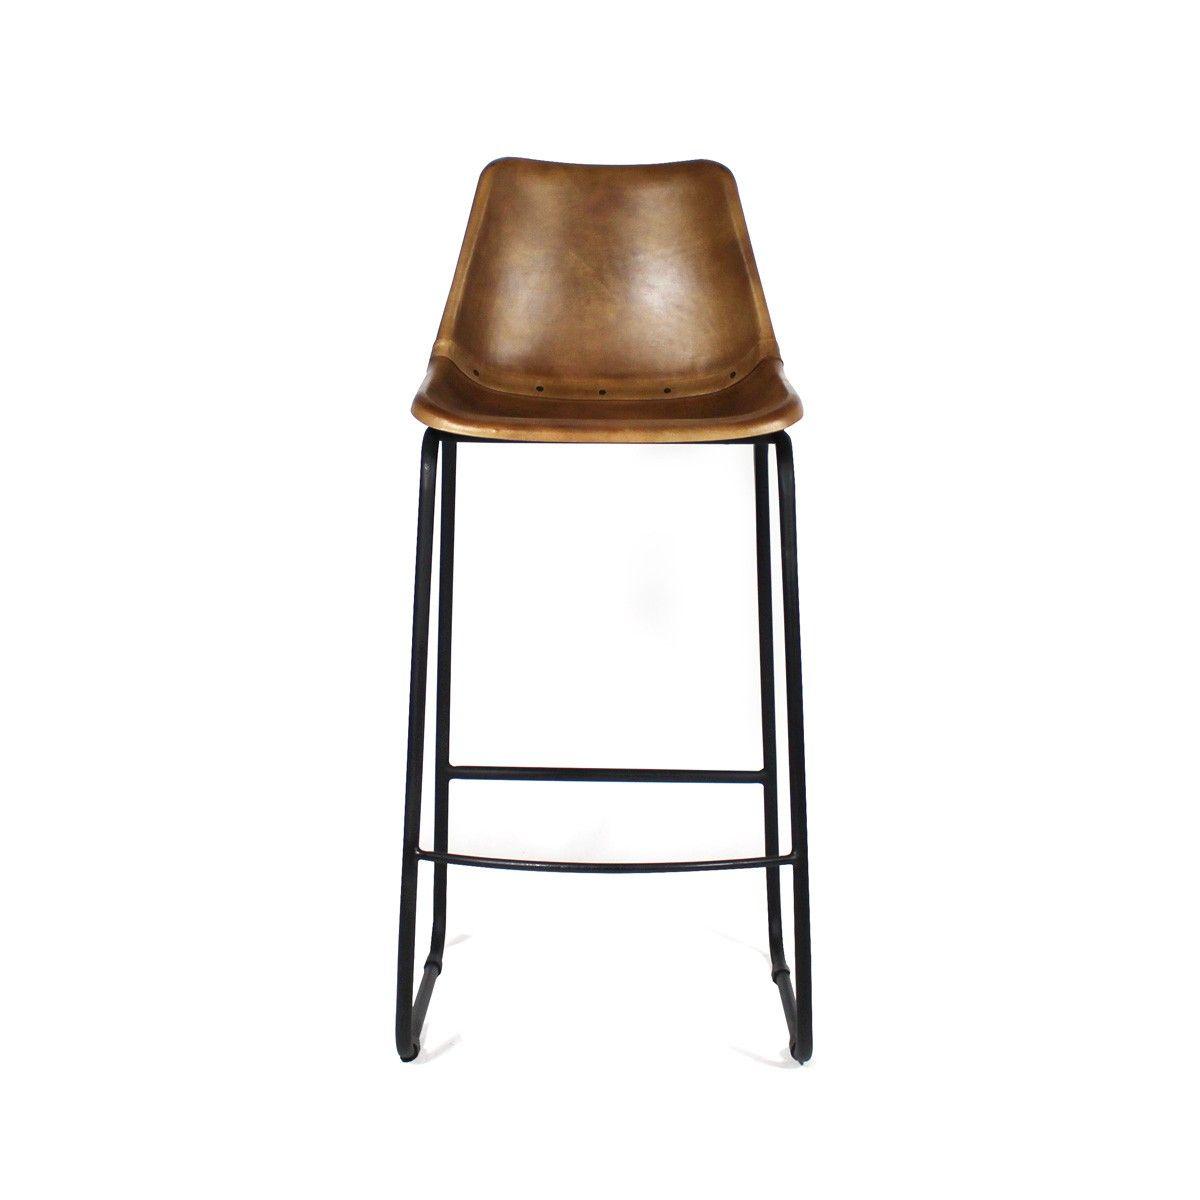 Chaise De Bar Industrielle Cuir Et Metal Dublin Marron Chaise De Bar Industriel Chaise Bar Bars Industriels